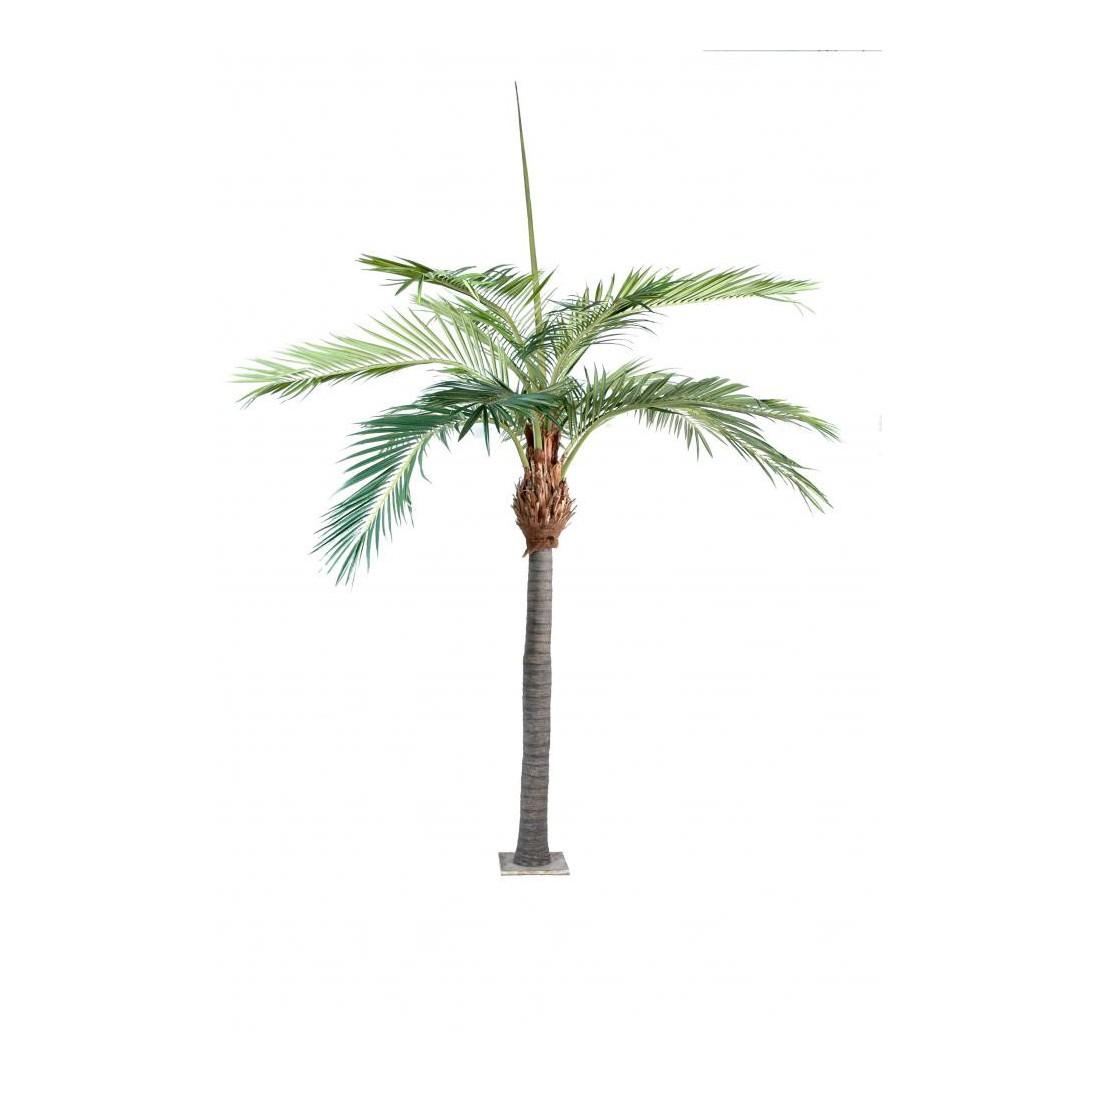 Palmier artificiel 400 cm arbres exotiques reflets nature for Arbre palmier artificiel